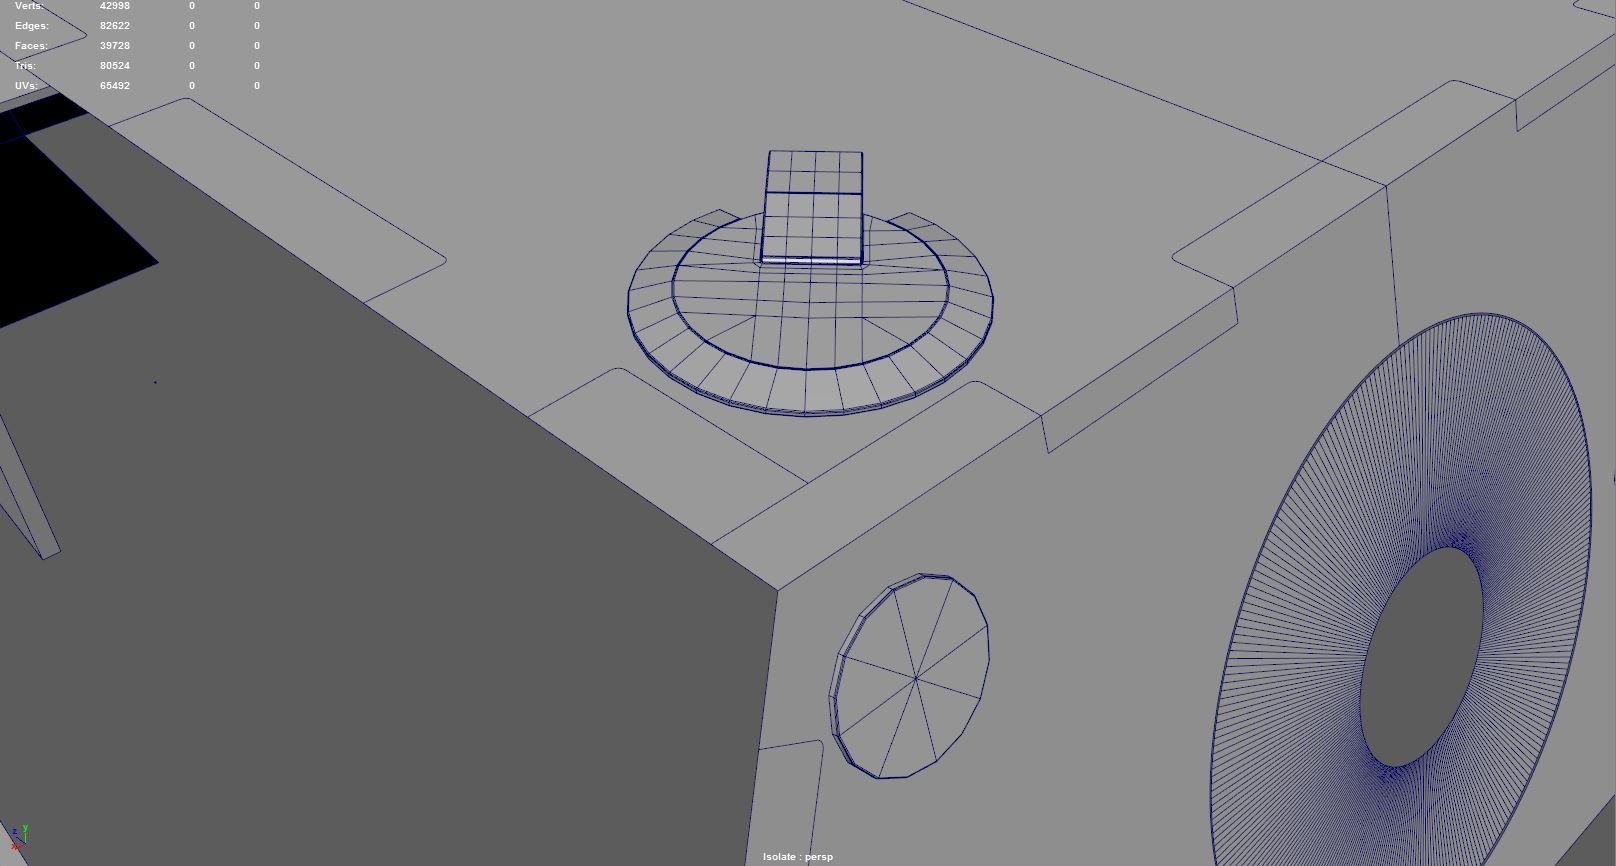 Hull_details_test.jpg